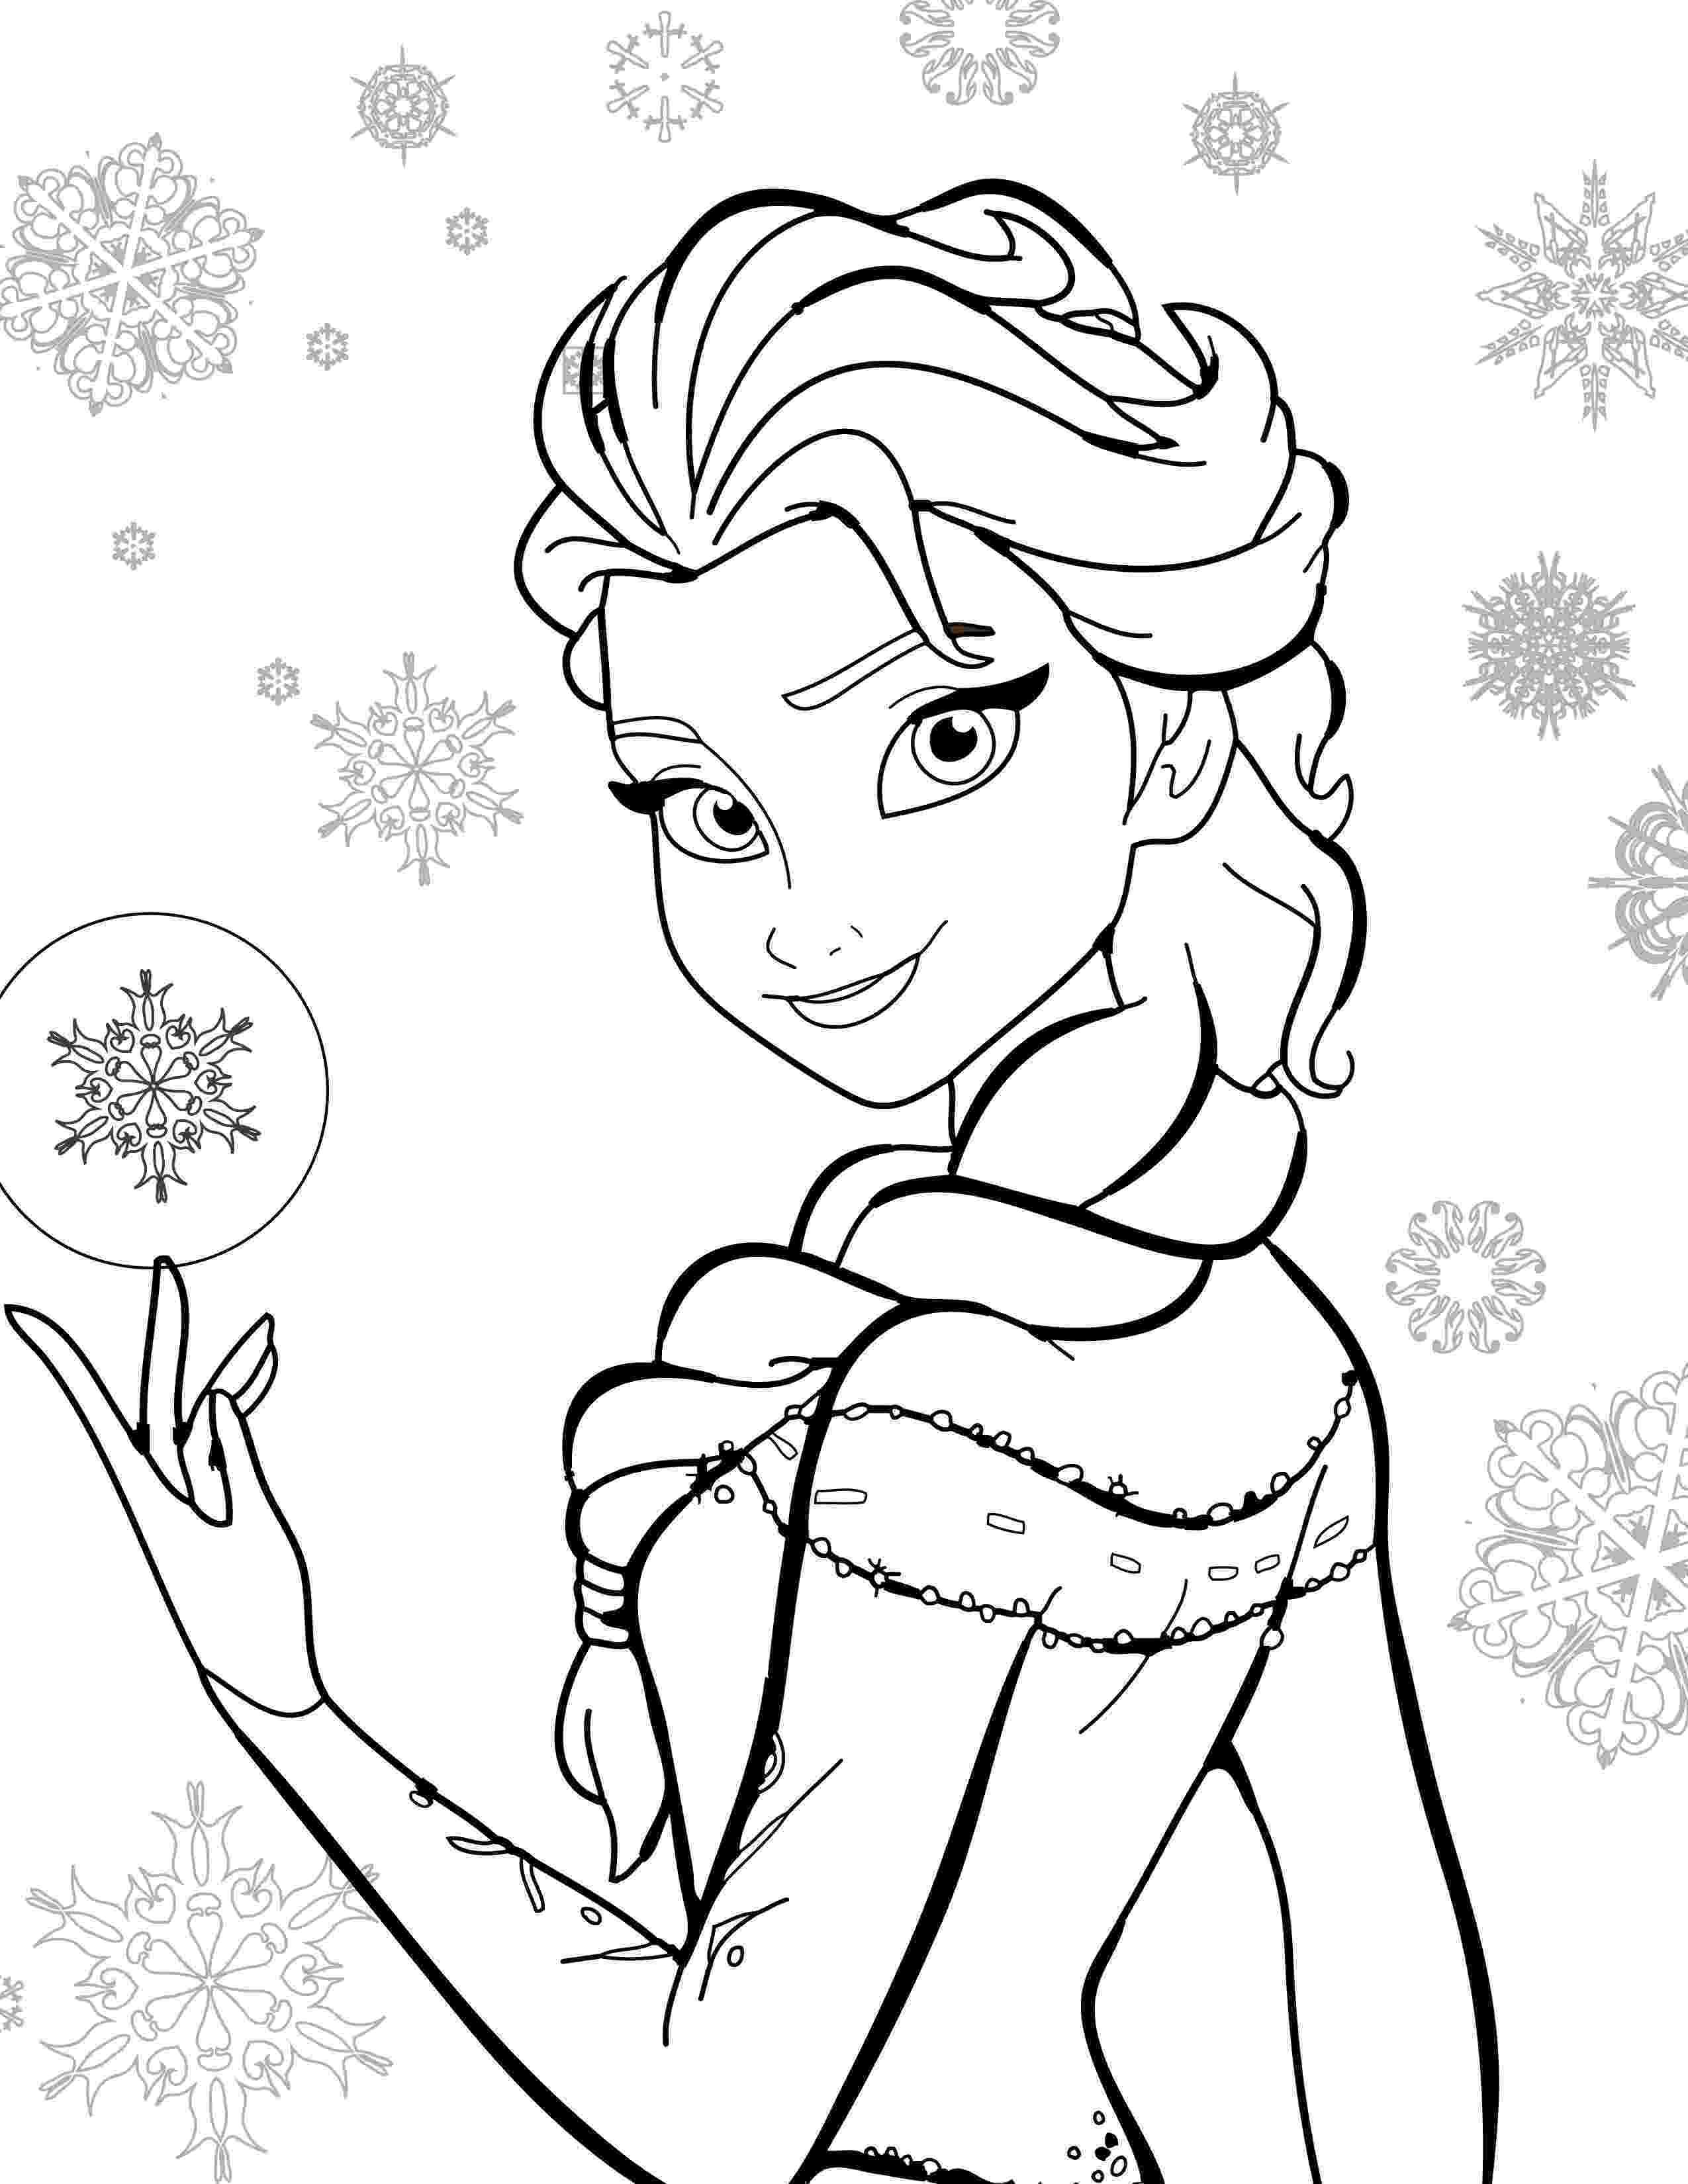 elsa coloring pictures disney princess elsa coloring pages coloring elsa pictures